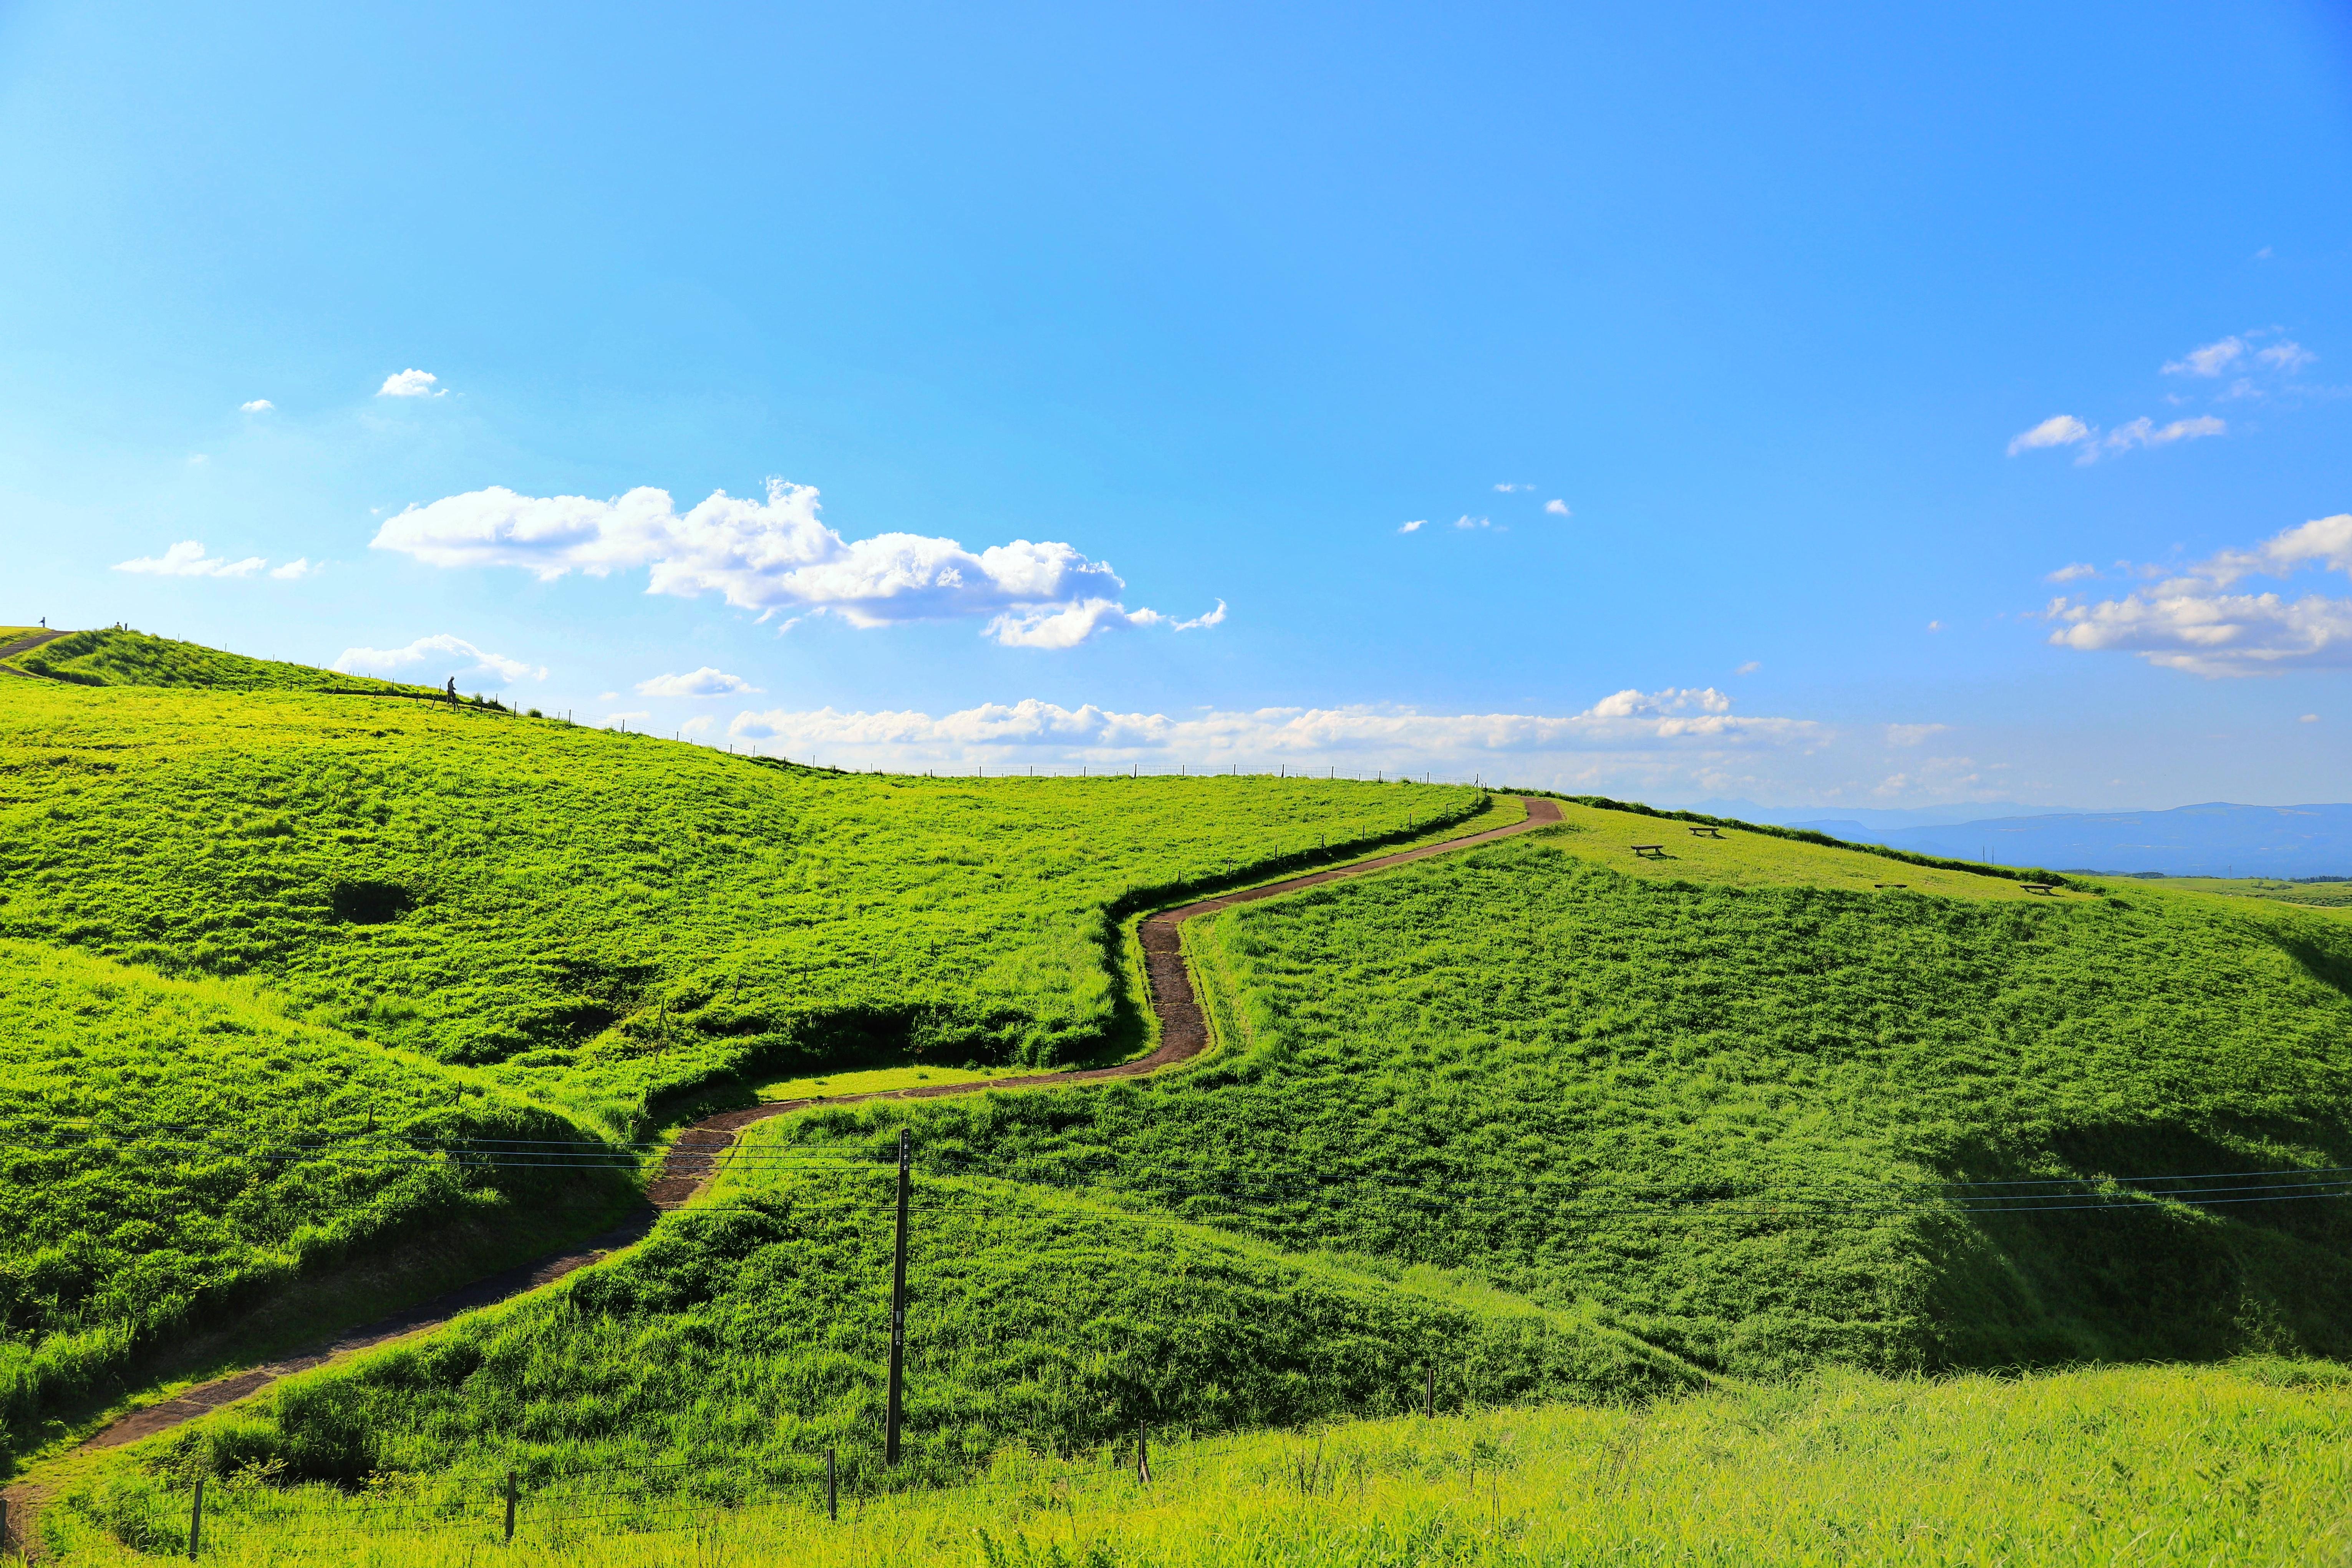 丘に広がる原っぱと青空の写真